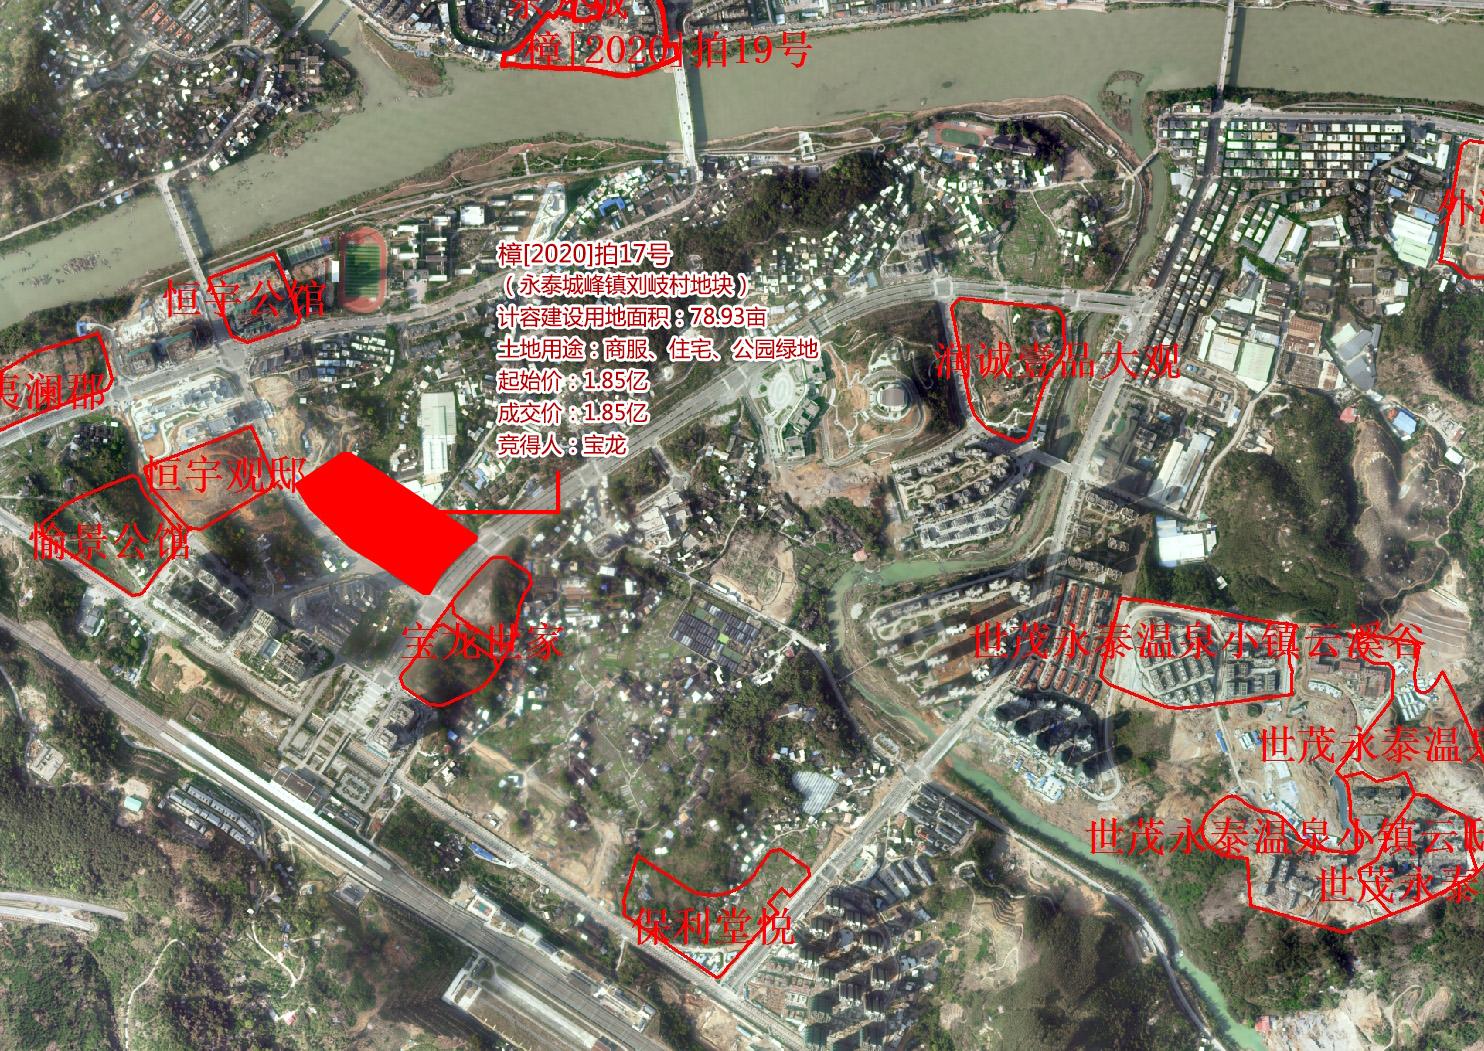 福州第二座宝龙广场将建